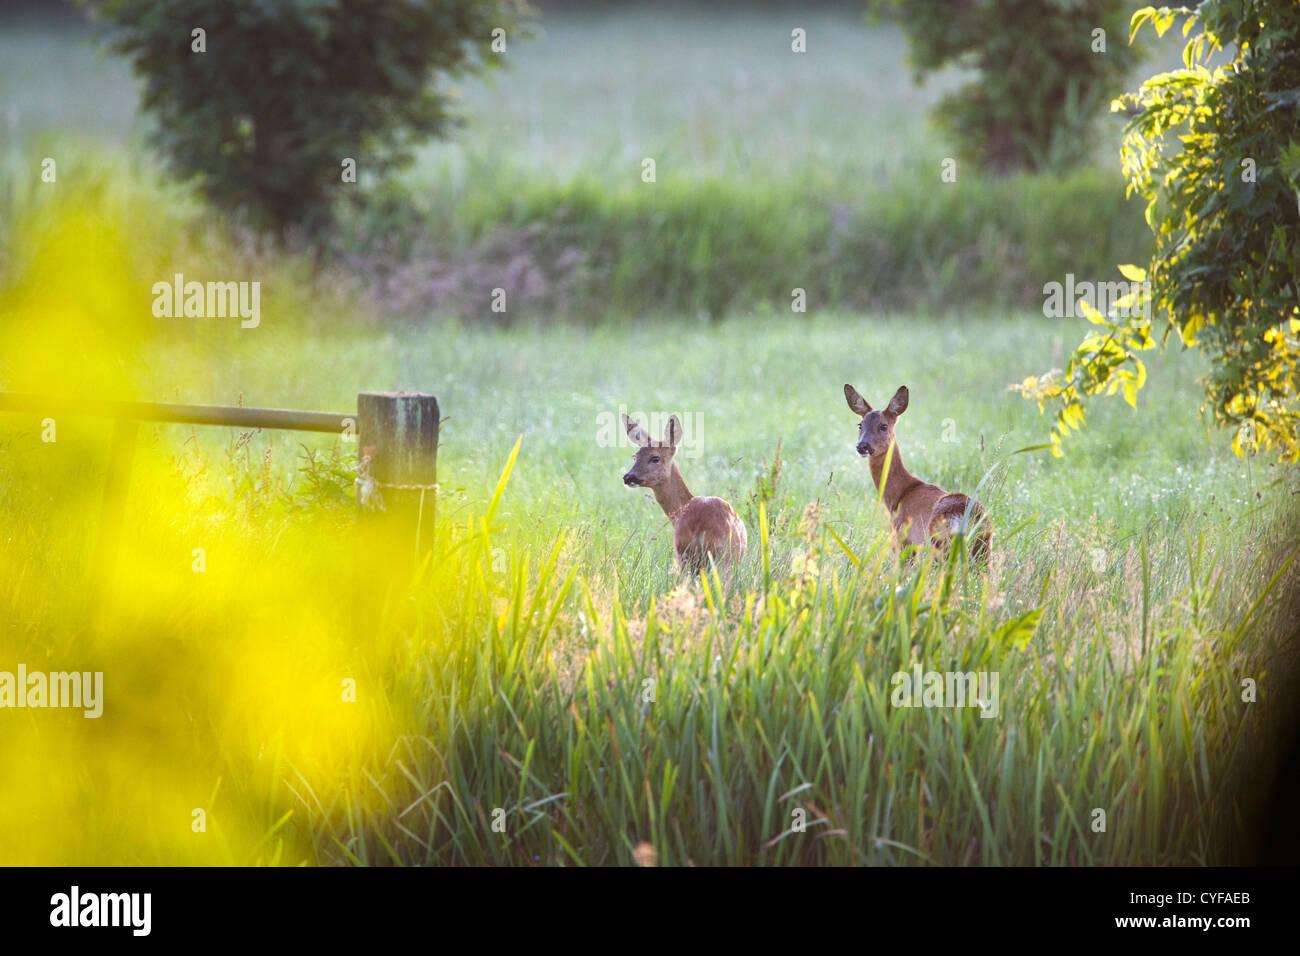 Les Pays-Bas, 's-Graveland, Couple de re, dans la région appelée domaine Spanderswoud. Photo Stock